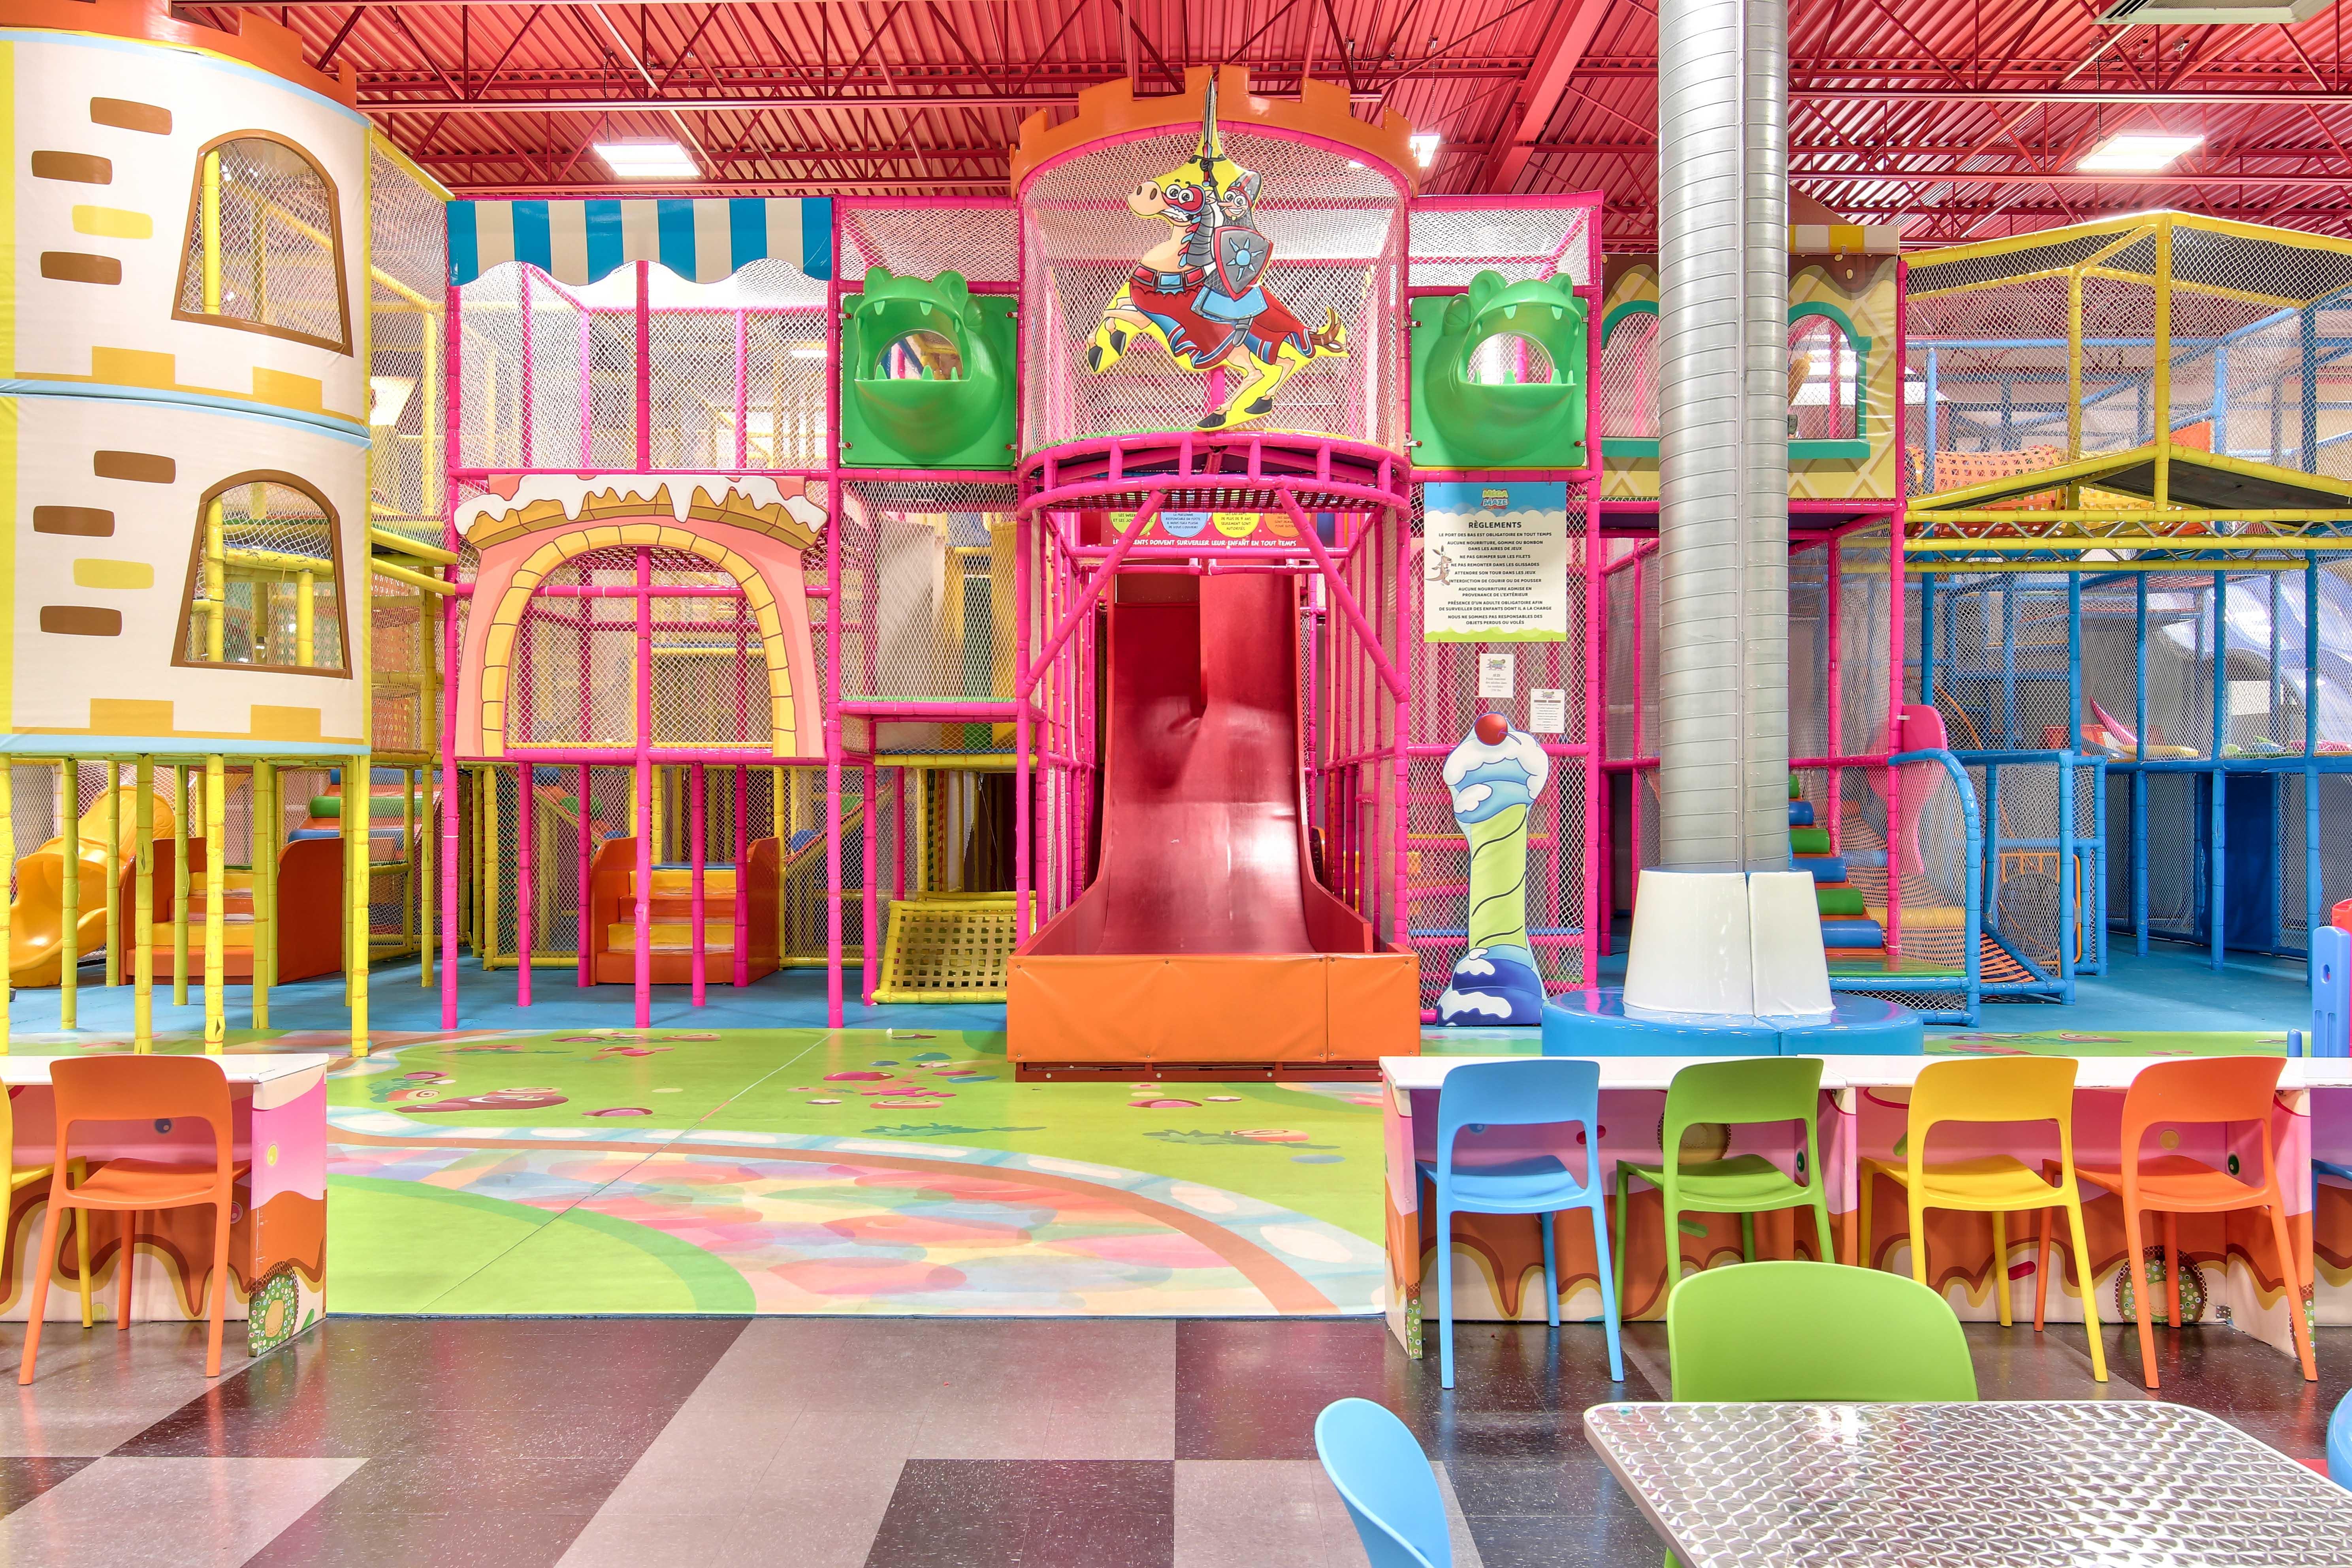 labyrinthe, glissades, module de jeux , activité intérieur pour enfant , jeux pour enfant